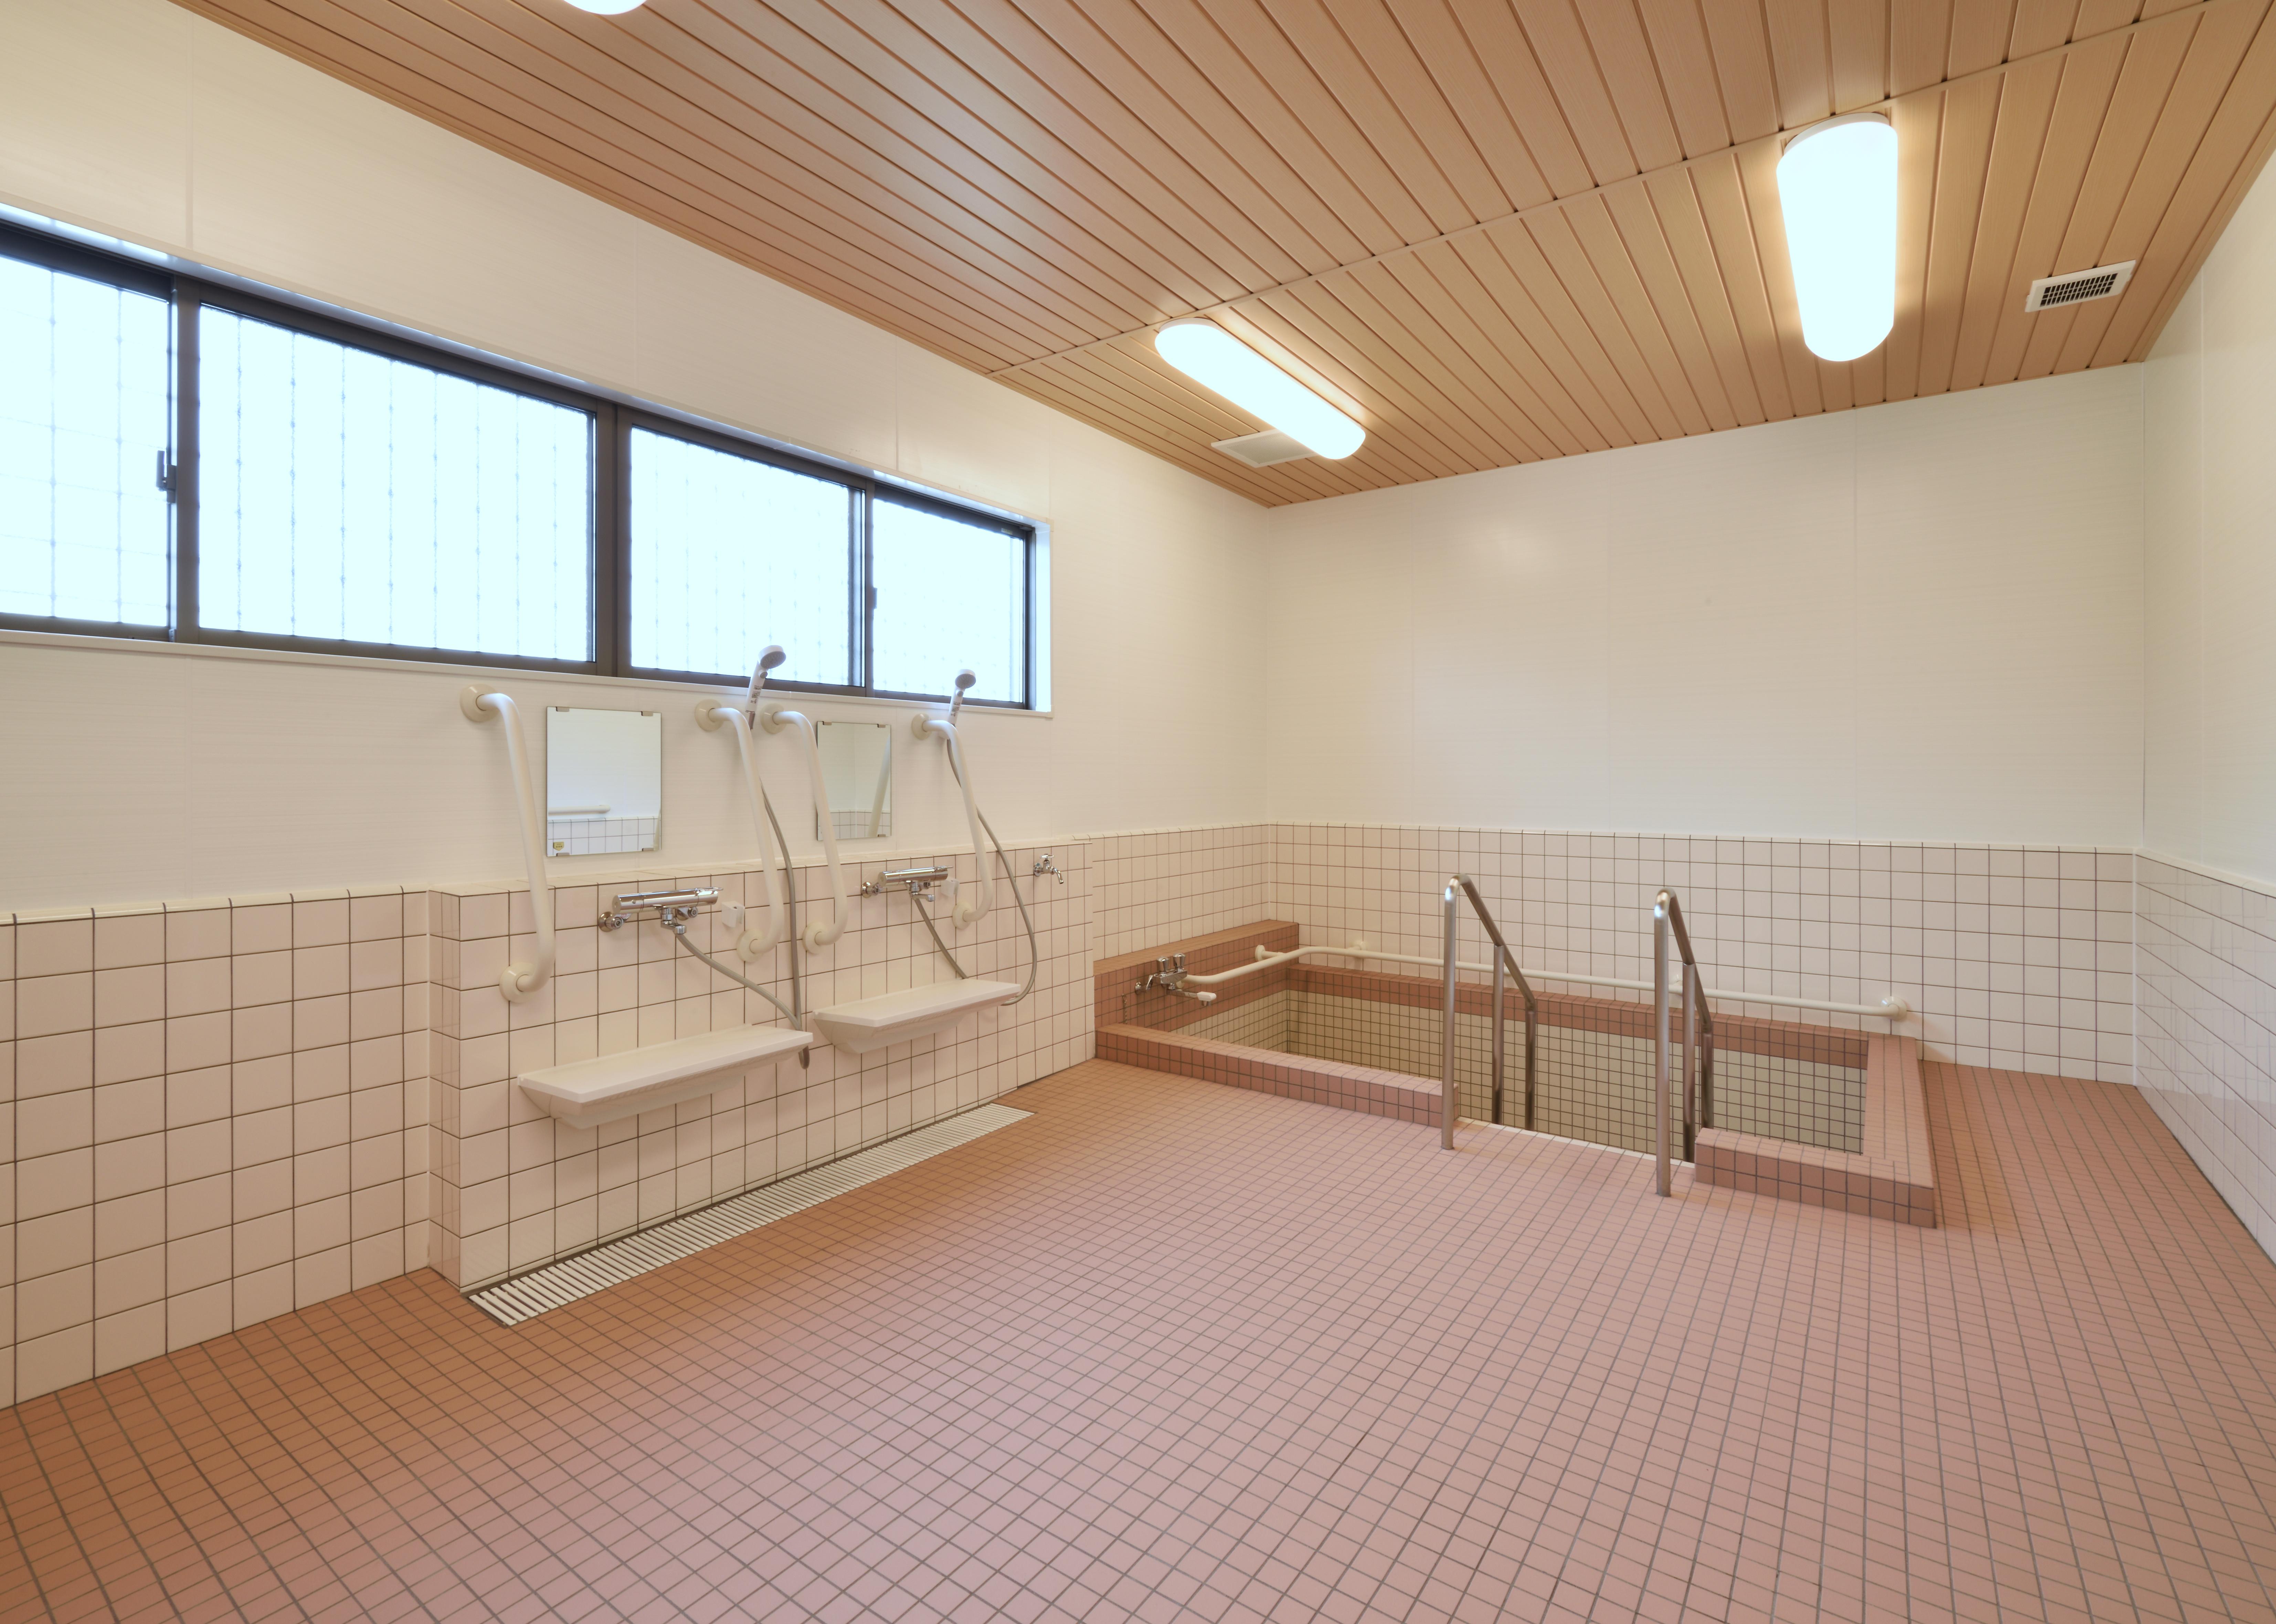 浴槽には手すりを設置。